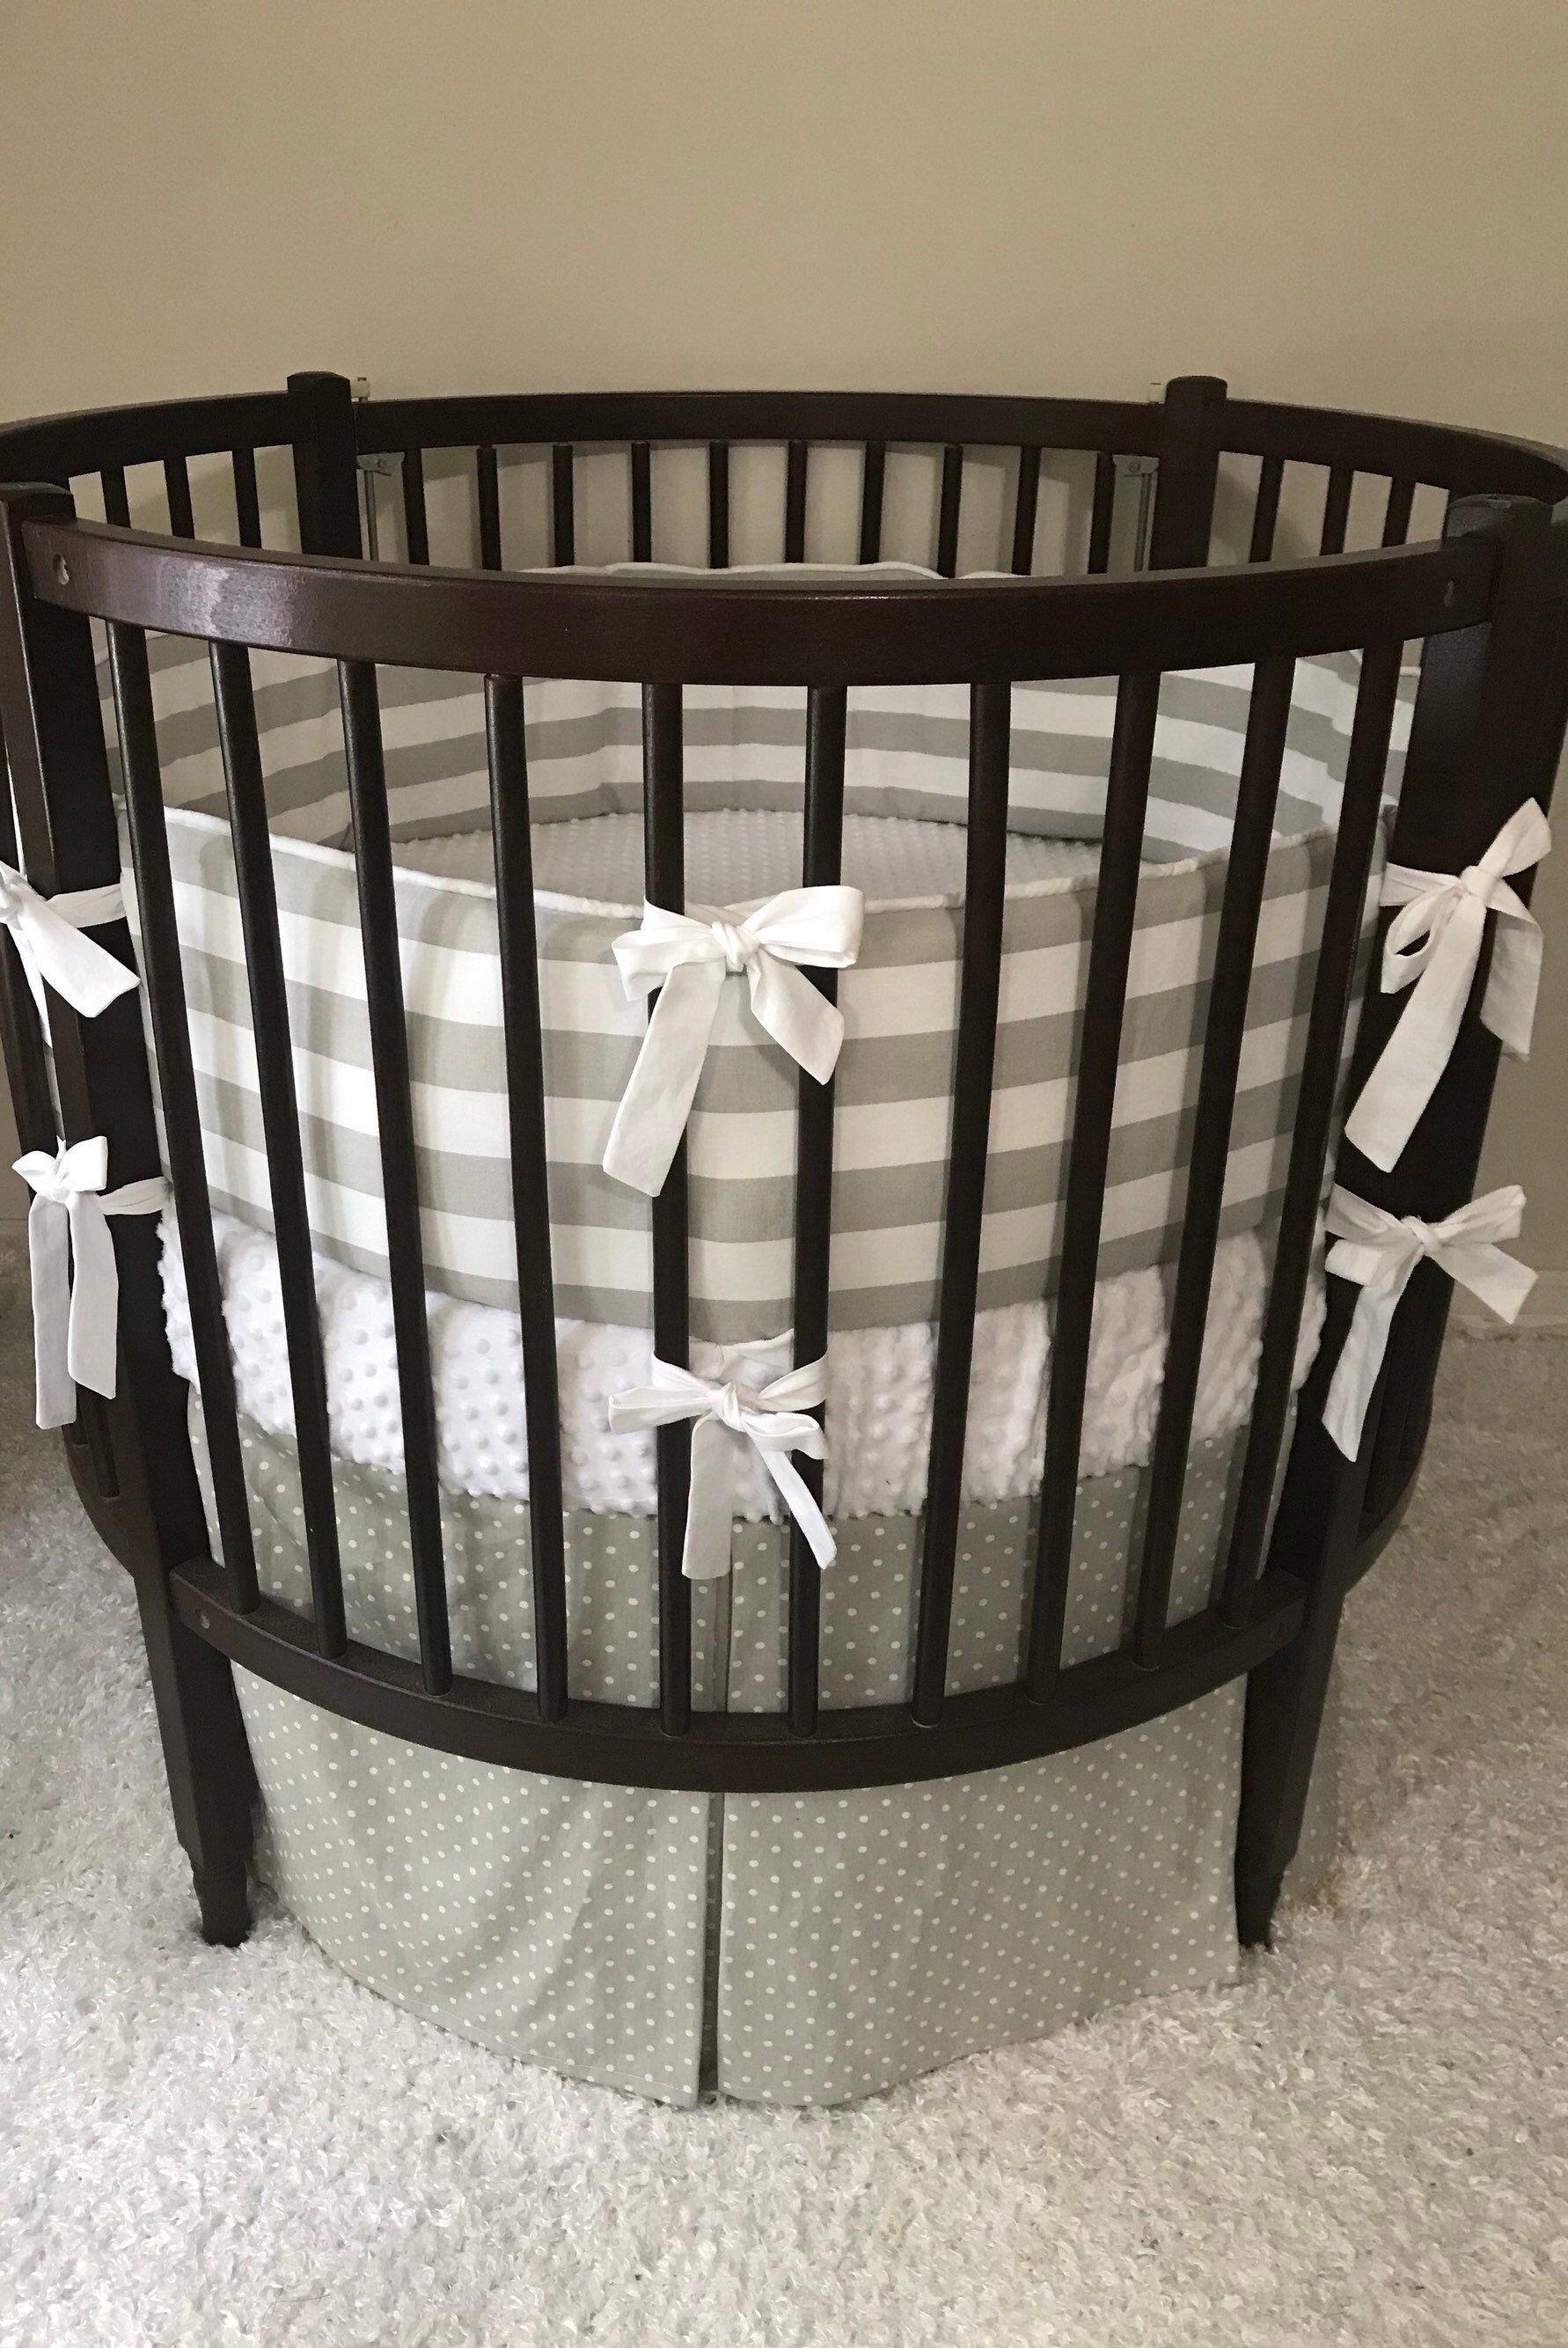 Baby Girl Crib Set Baby Boy Crib Set Round Crib Bedding French